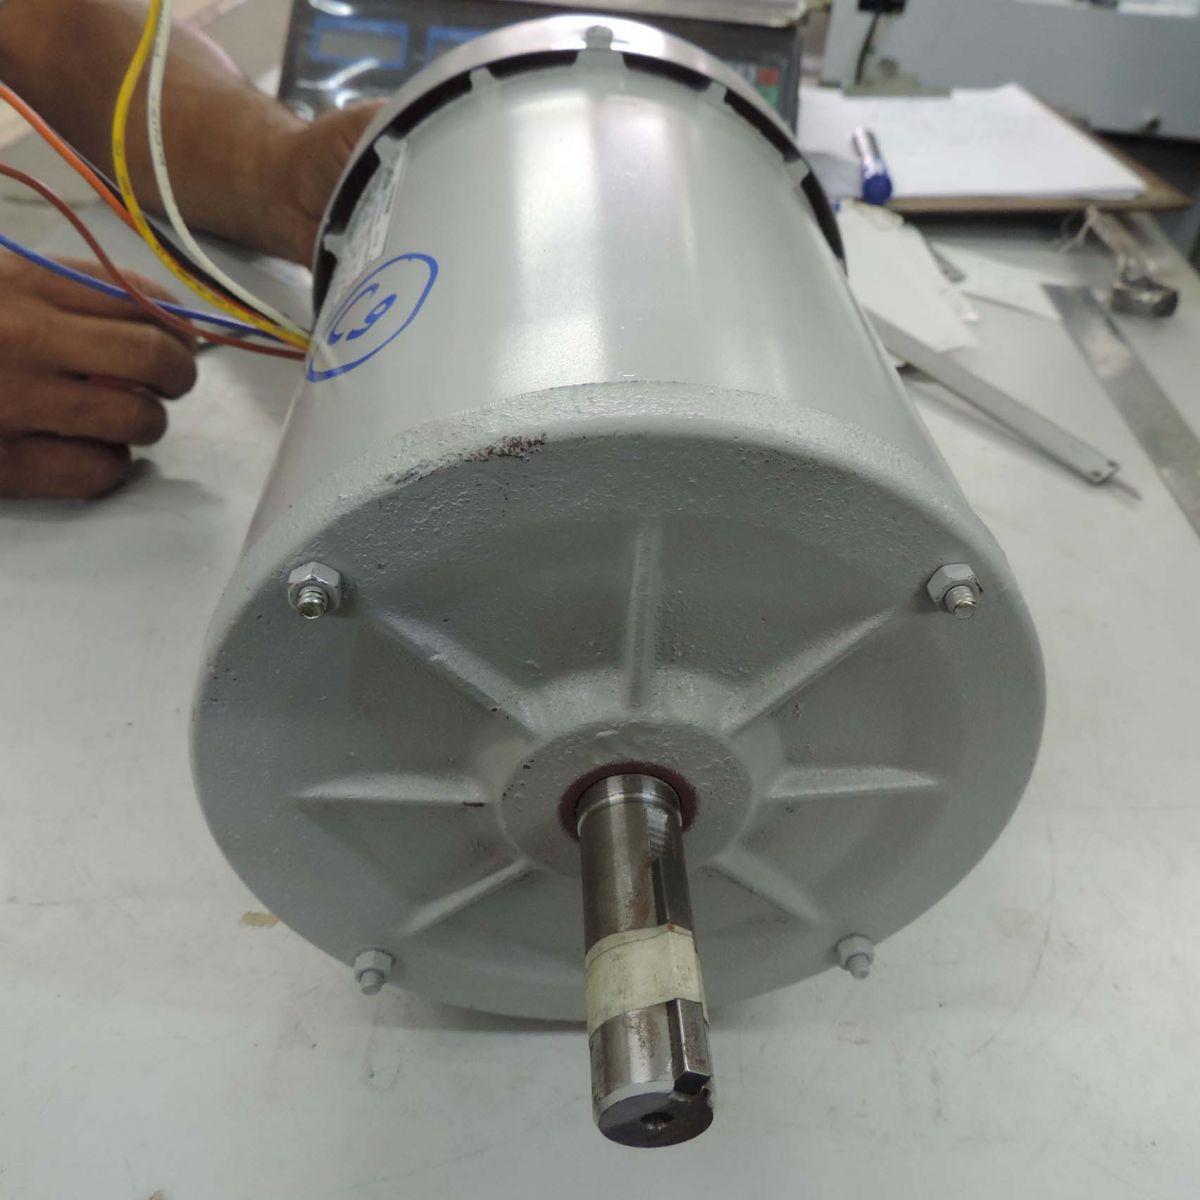 Motor Trifásico Novo Marca Nova C10 - 0,5 Cv 3480 Rpm